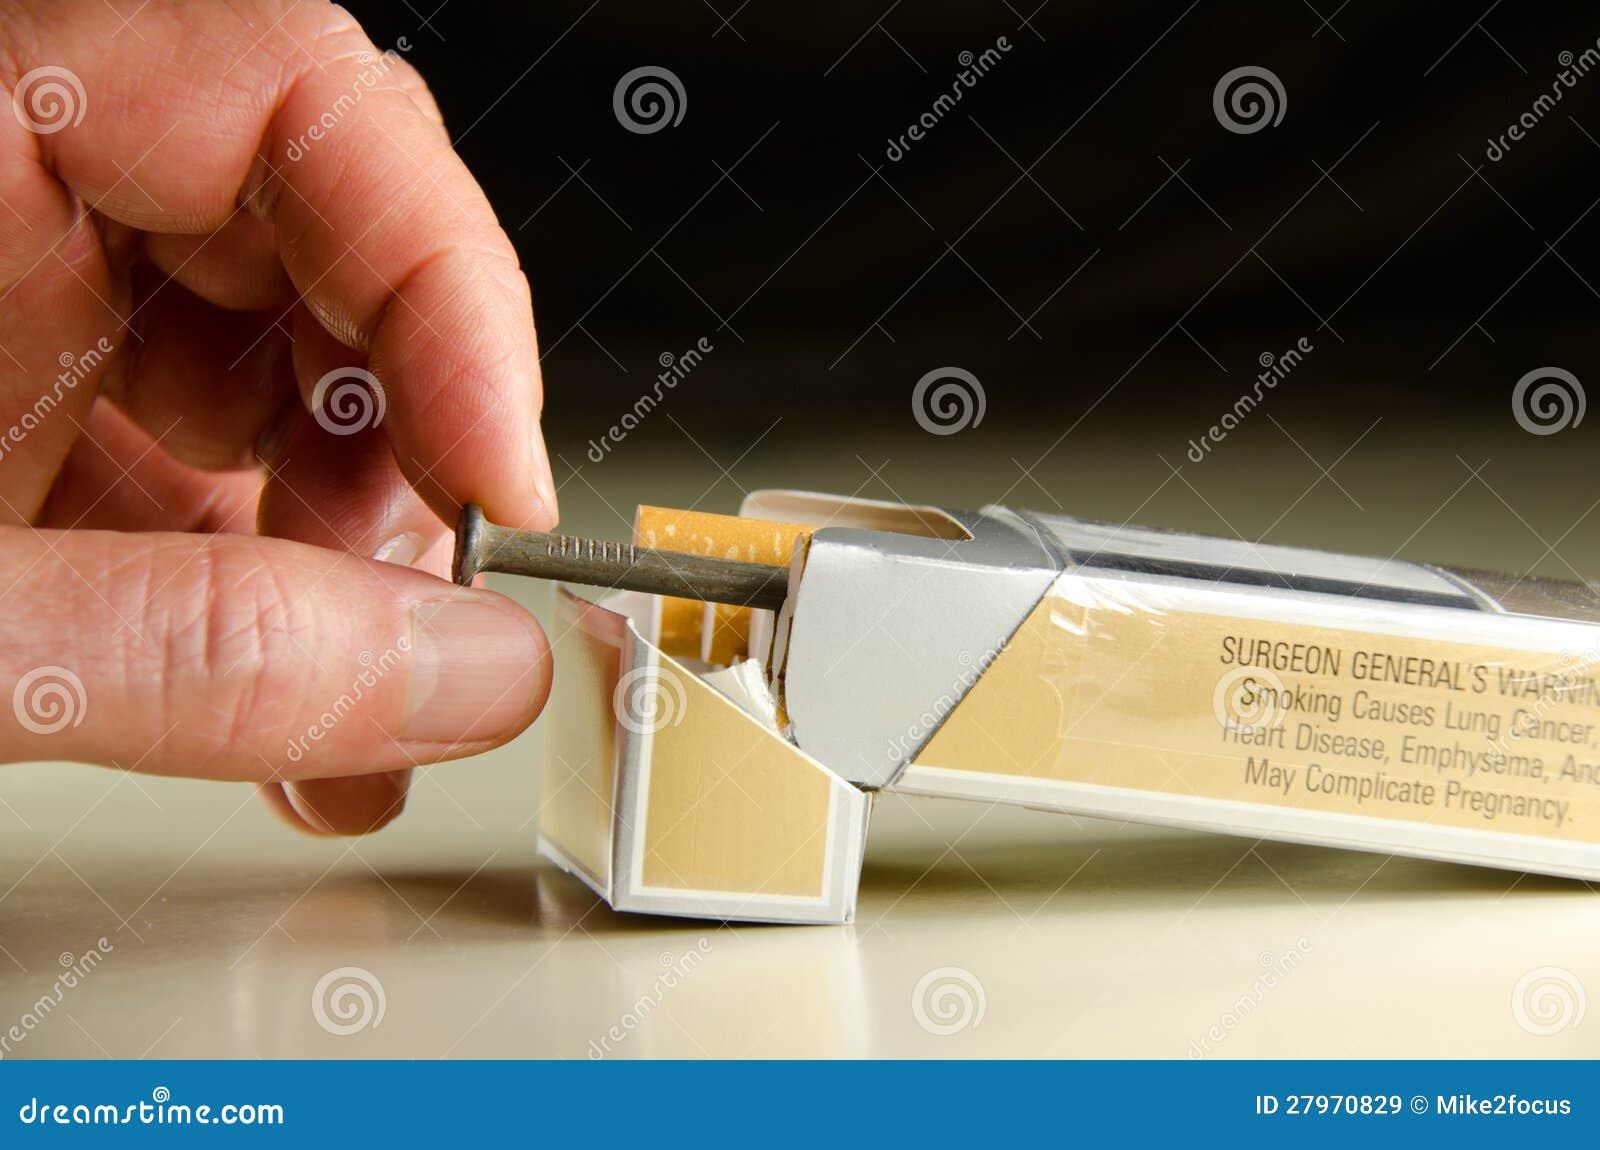 Jede Zigarette Ist Ein Nagel In Ihrem Sarg Stockbild - Bild von ...